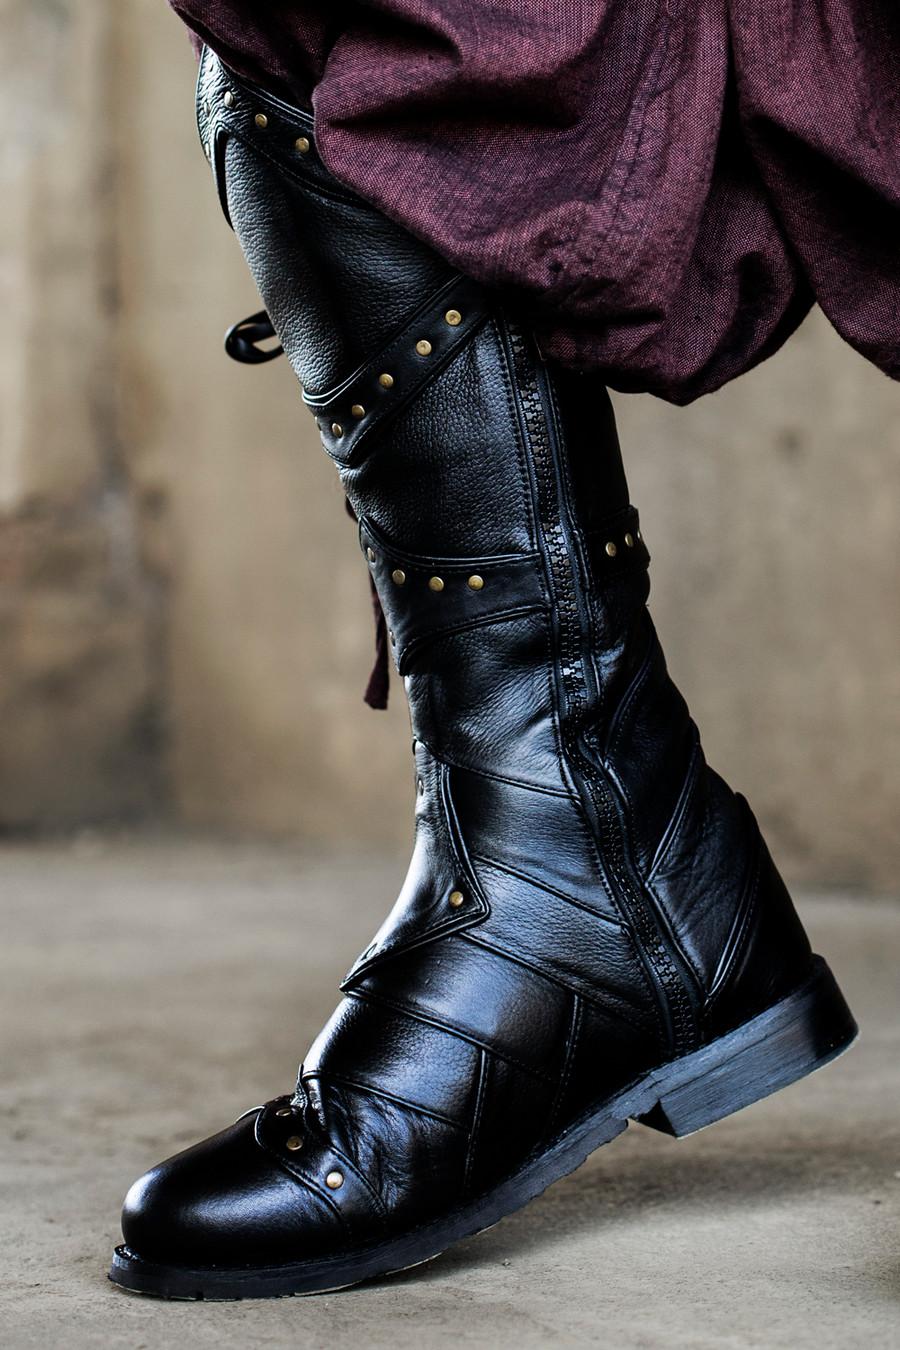 Elderwood Boots